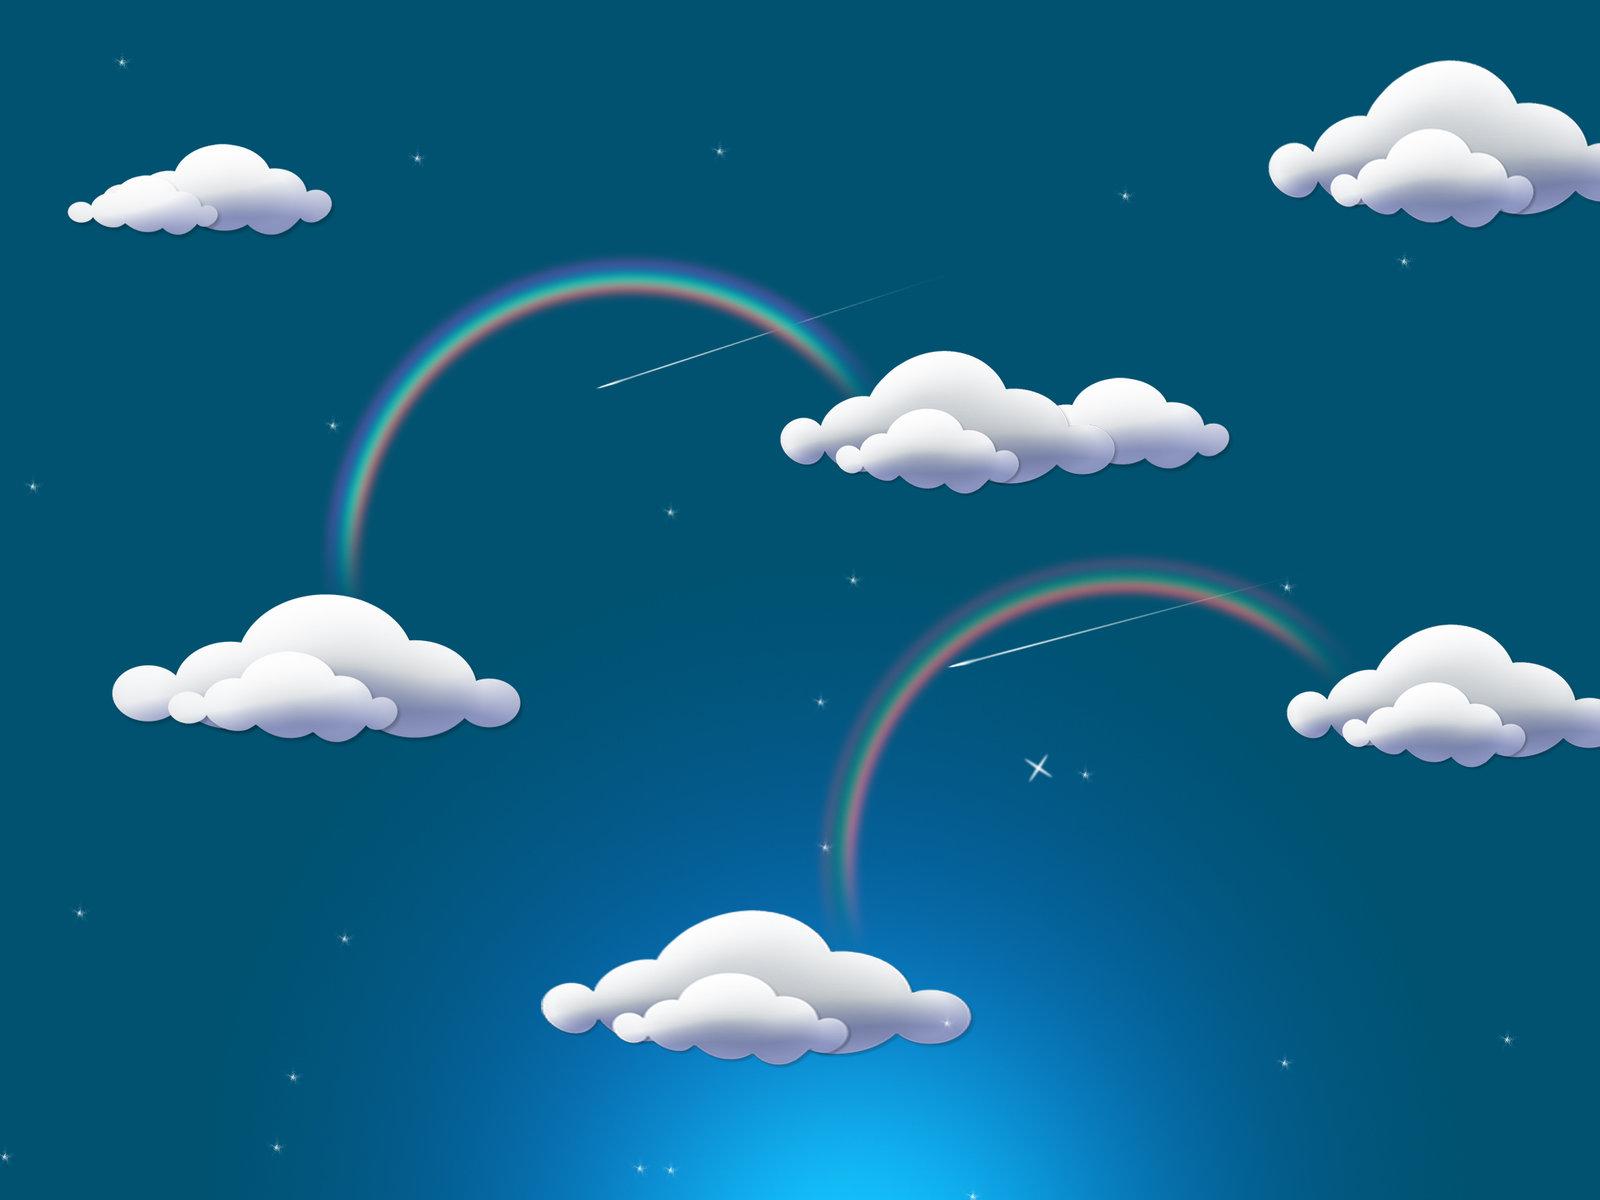 небо, облака, фото, рисунок, обои для рабочего стола